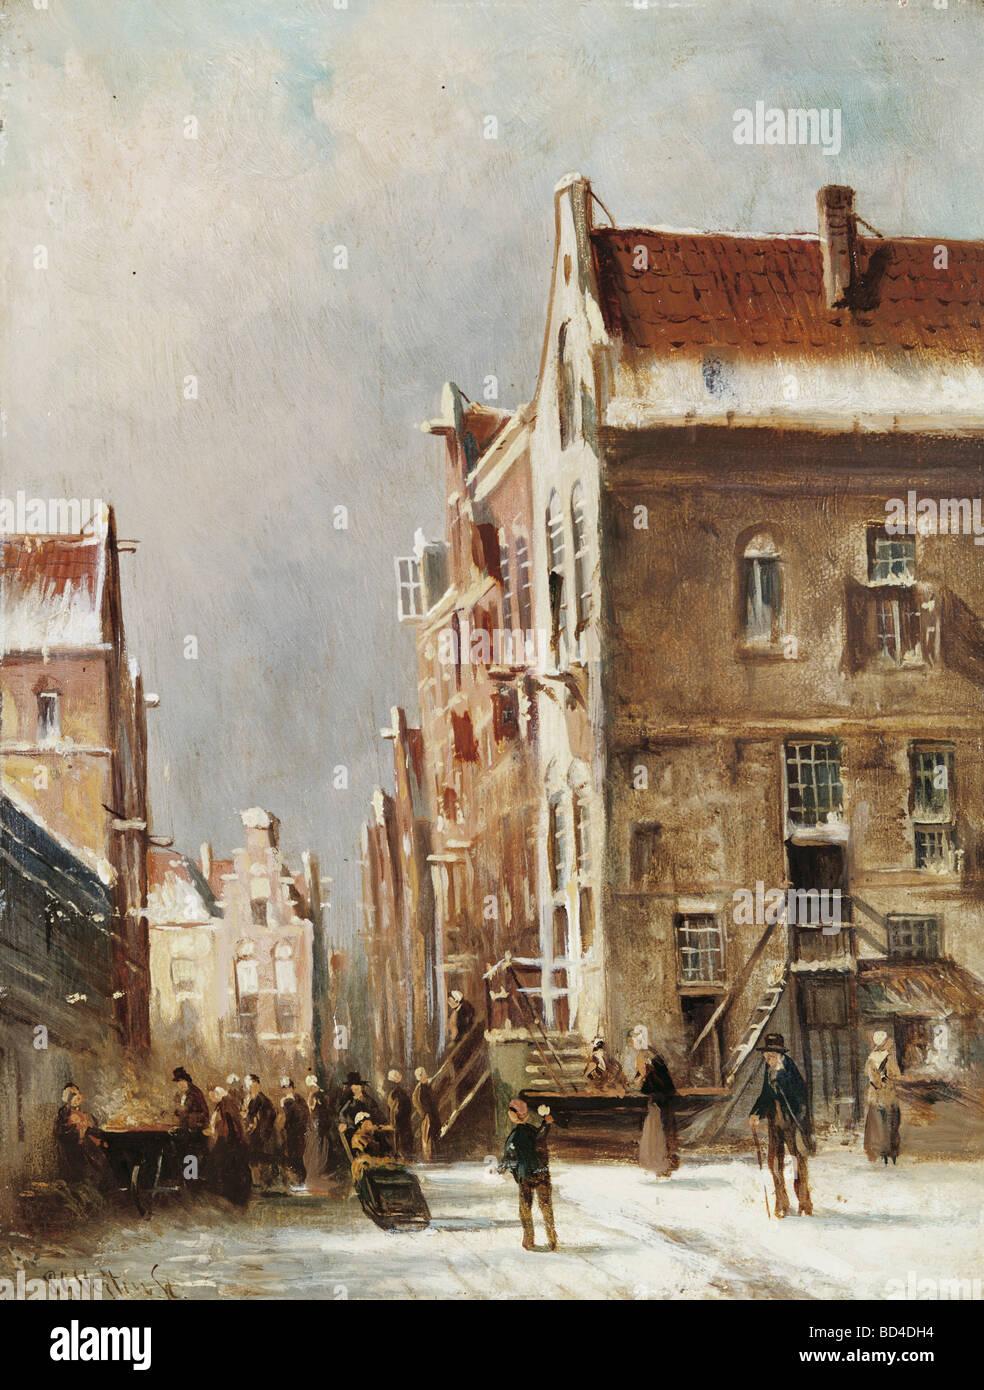 """Bildende Kunst, Vertin, Pieter Gerardus (1819-1893), Malerei, """"Kleinstadt im Schnee"""", Galerie Hessler, München, Stockfoto"""